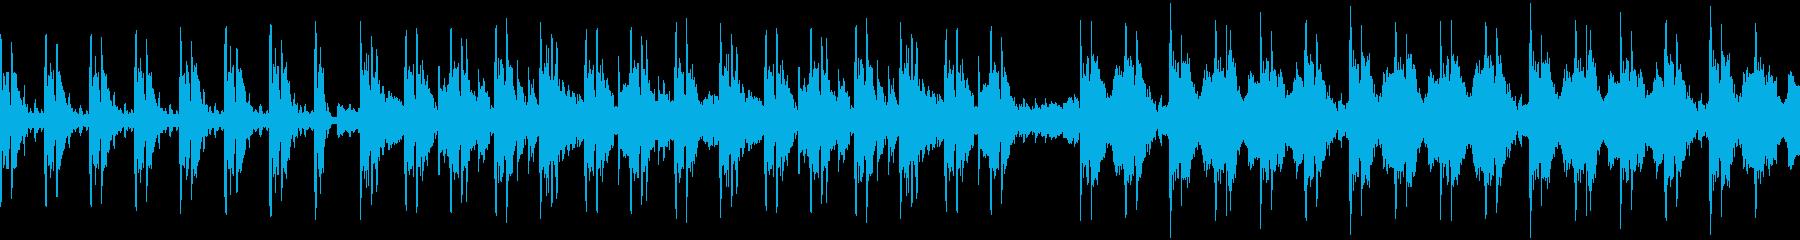 歪んだオルゴールで奏でるホラーBGMの再生済みの波形